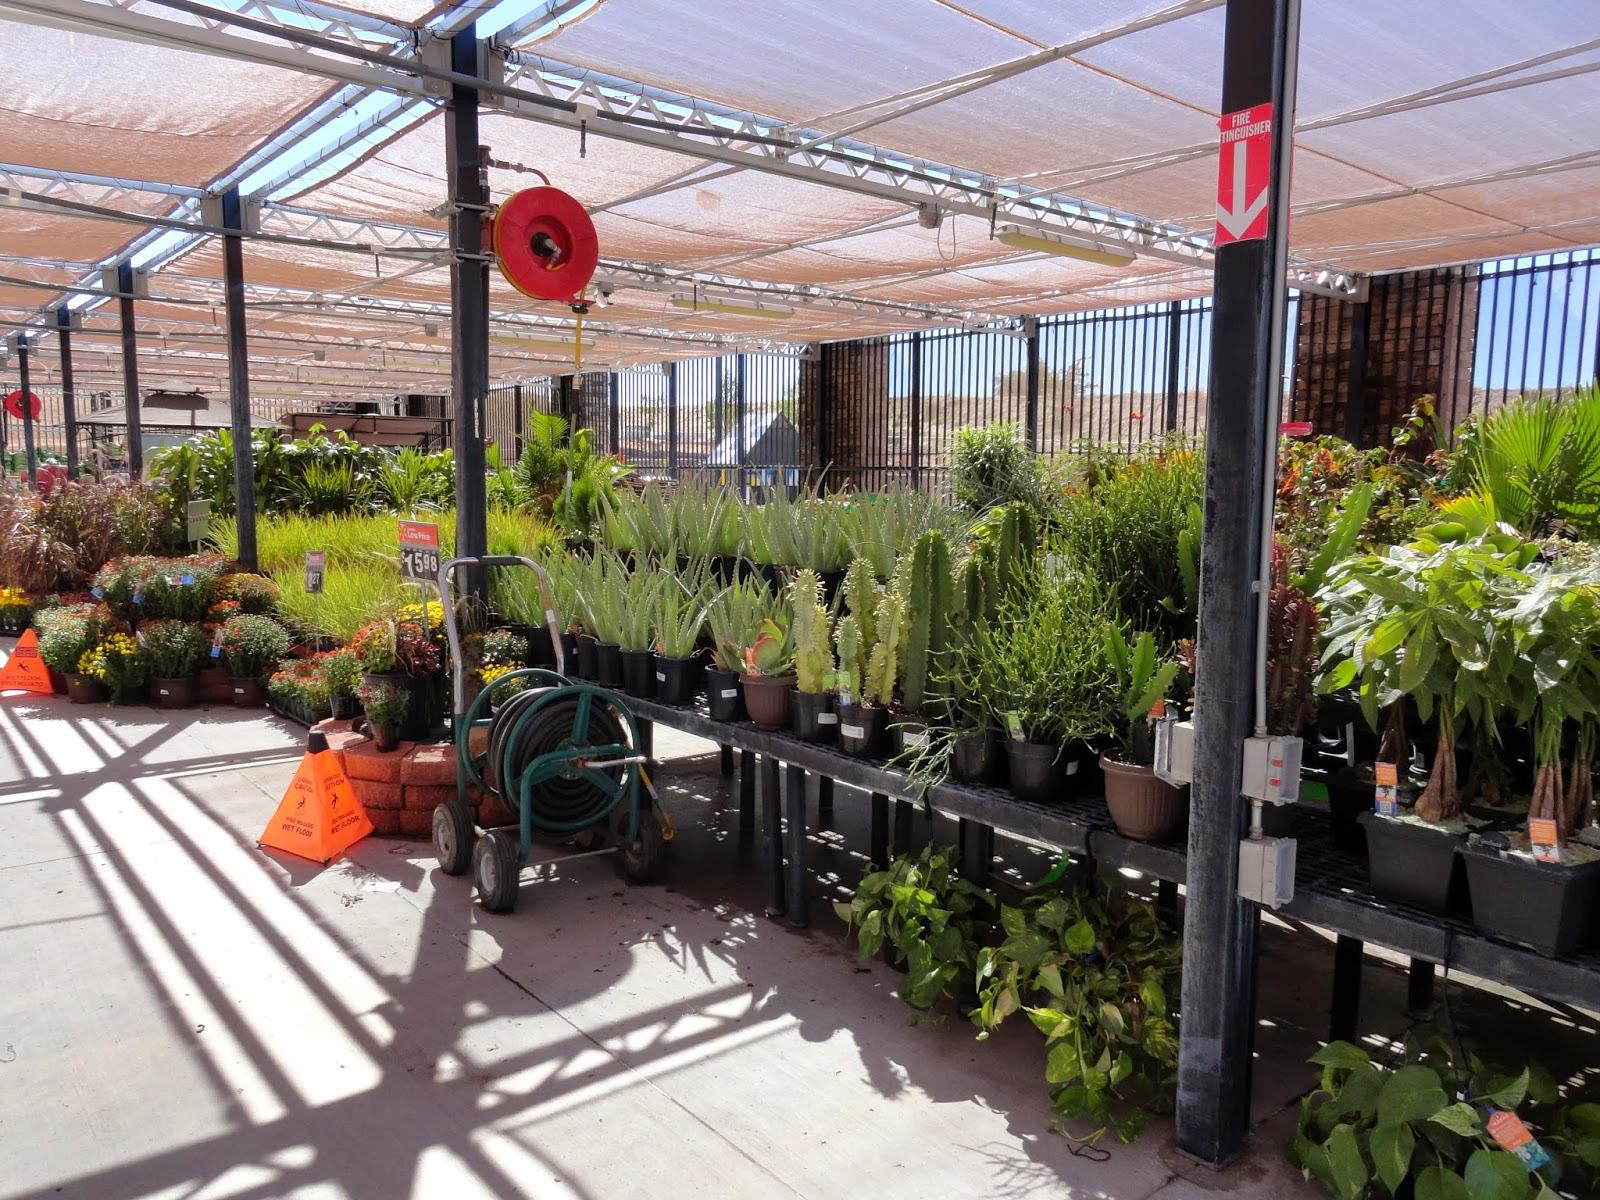 Garden Centre: Danger Garden: I Bought A Plant At Walmart, Do You Still